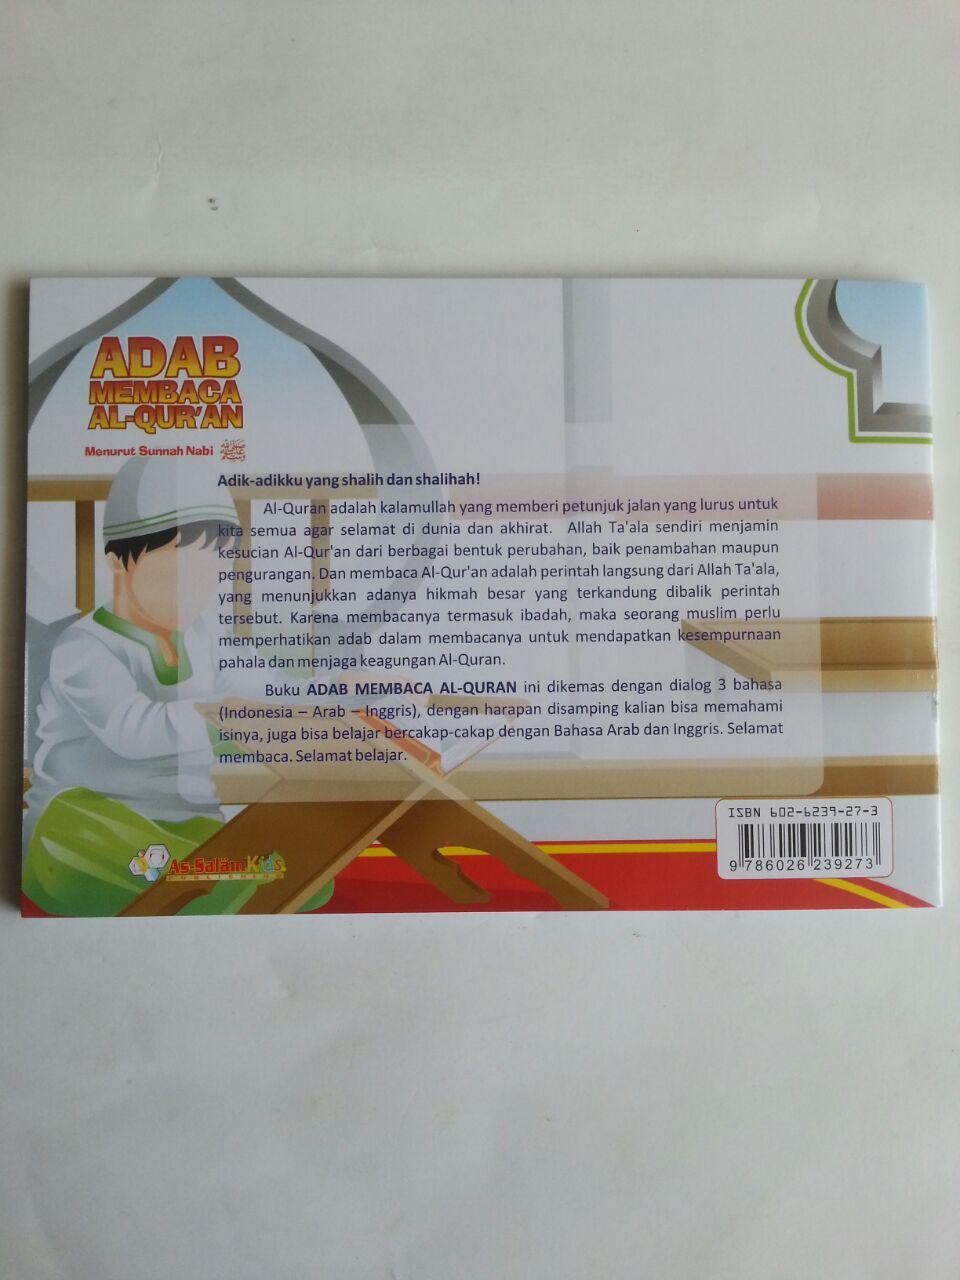 Buku Anak Adab Membaca Al-Qur'an menurut Sunnah Nabi cover